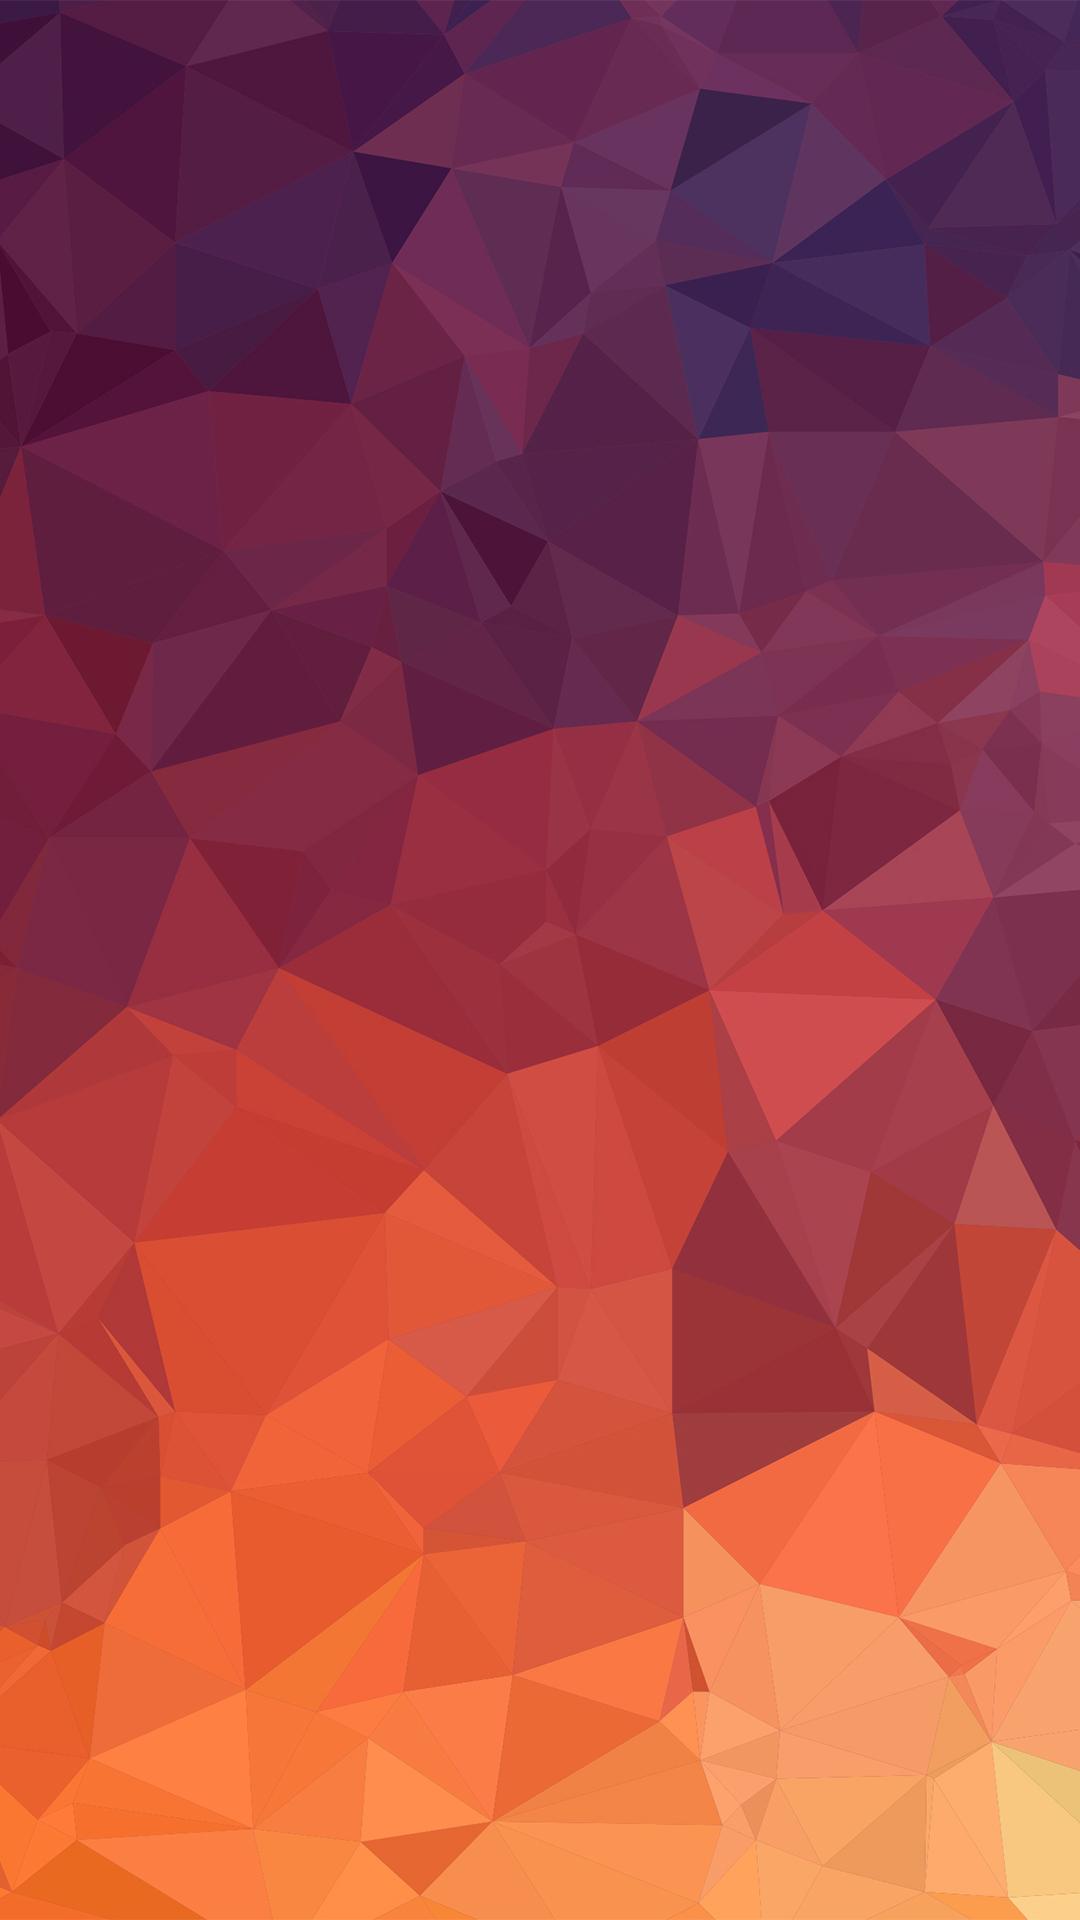 三角形 背景 抽象 光 纹理 运动 柔和 色彩 缤纷 红色